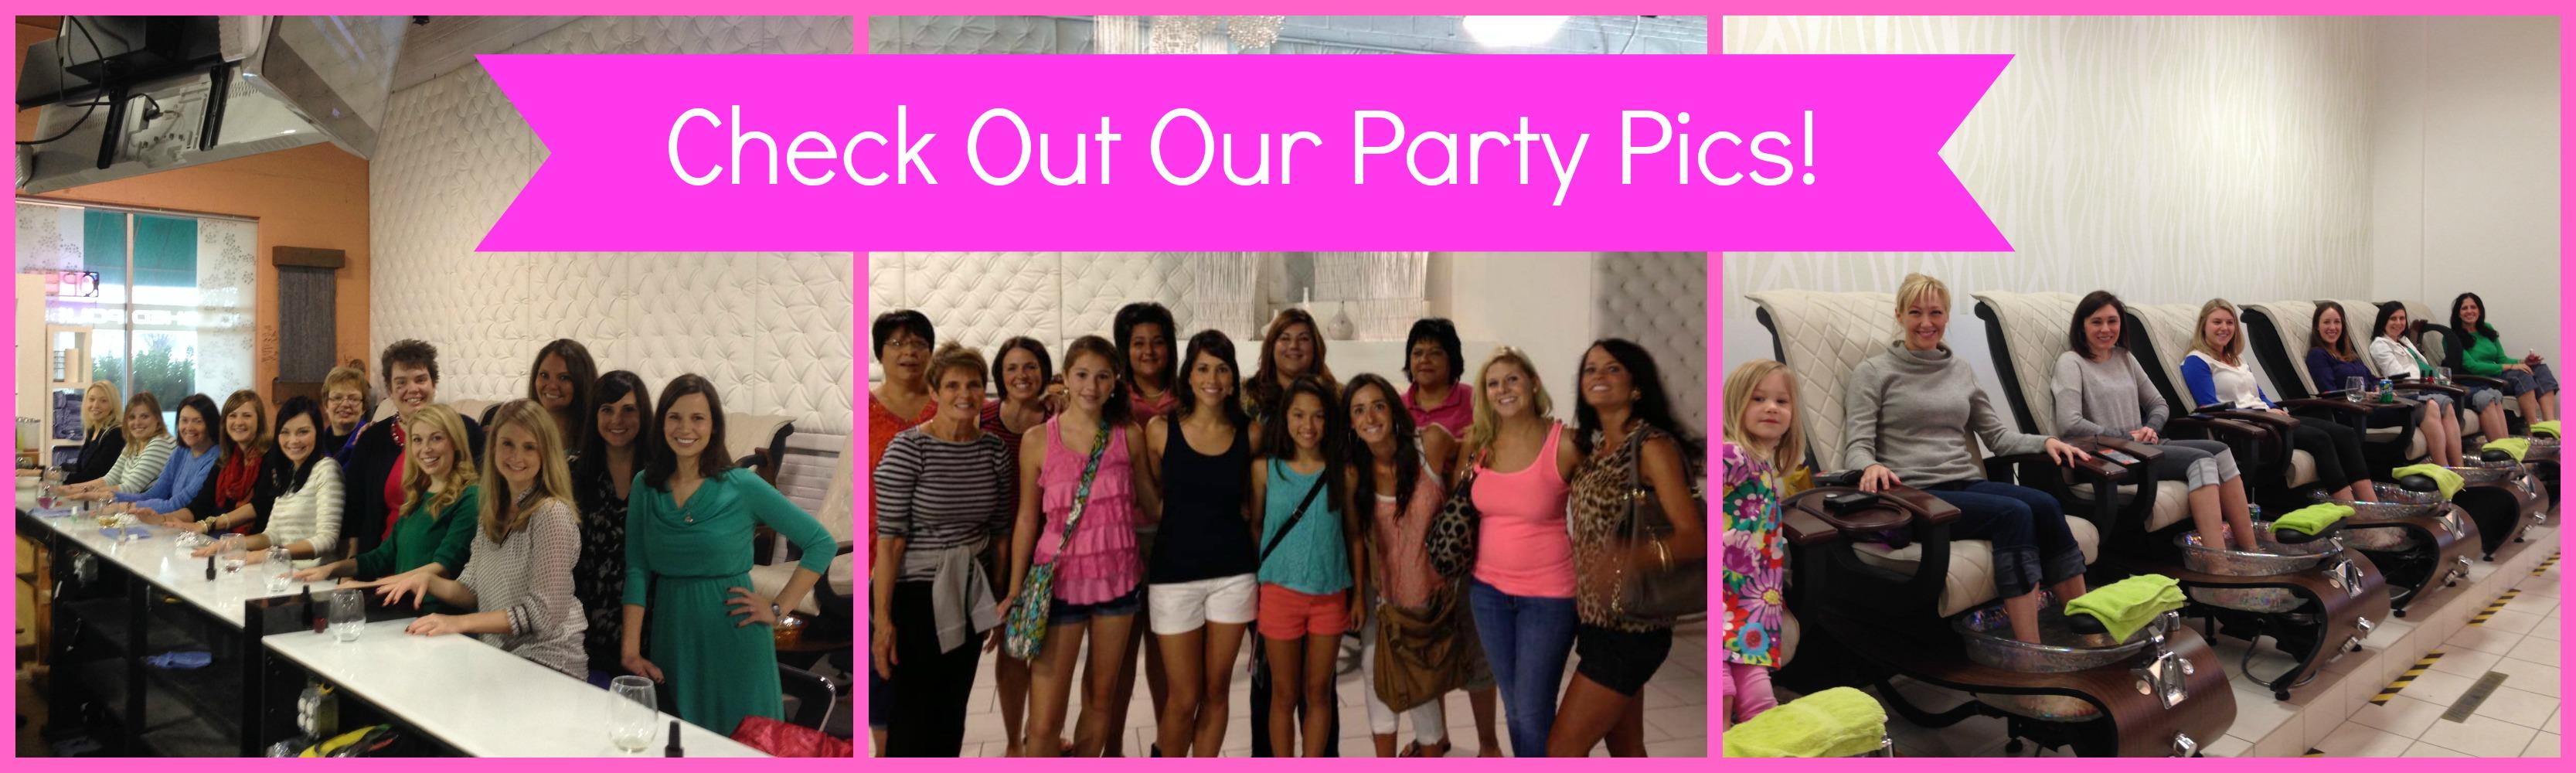 party photos at Polished Nail Bar in Charlotte